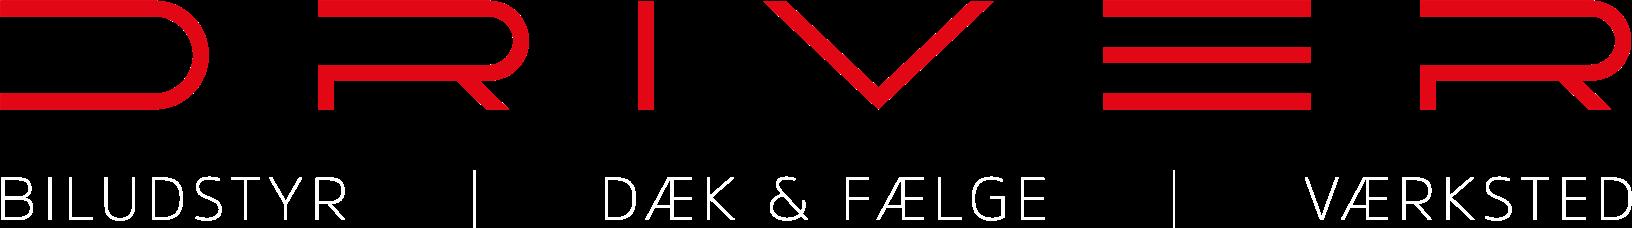 driverdk-logo-hvidtekst